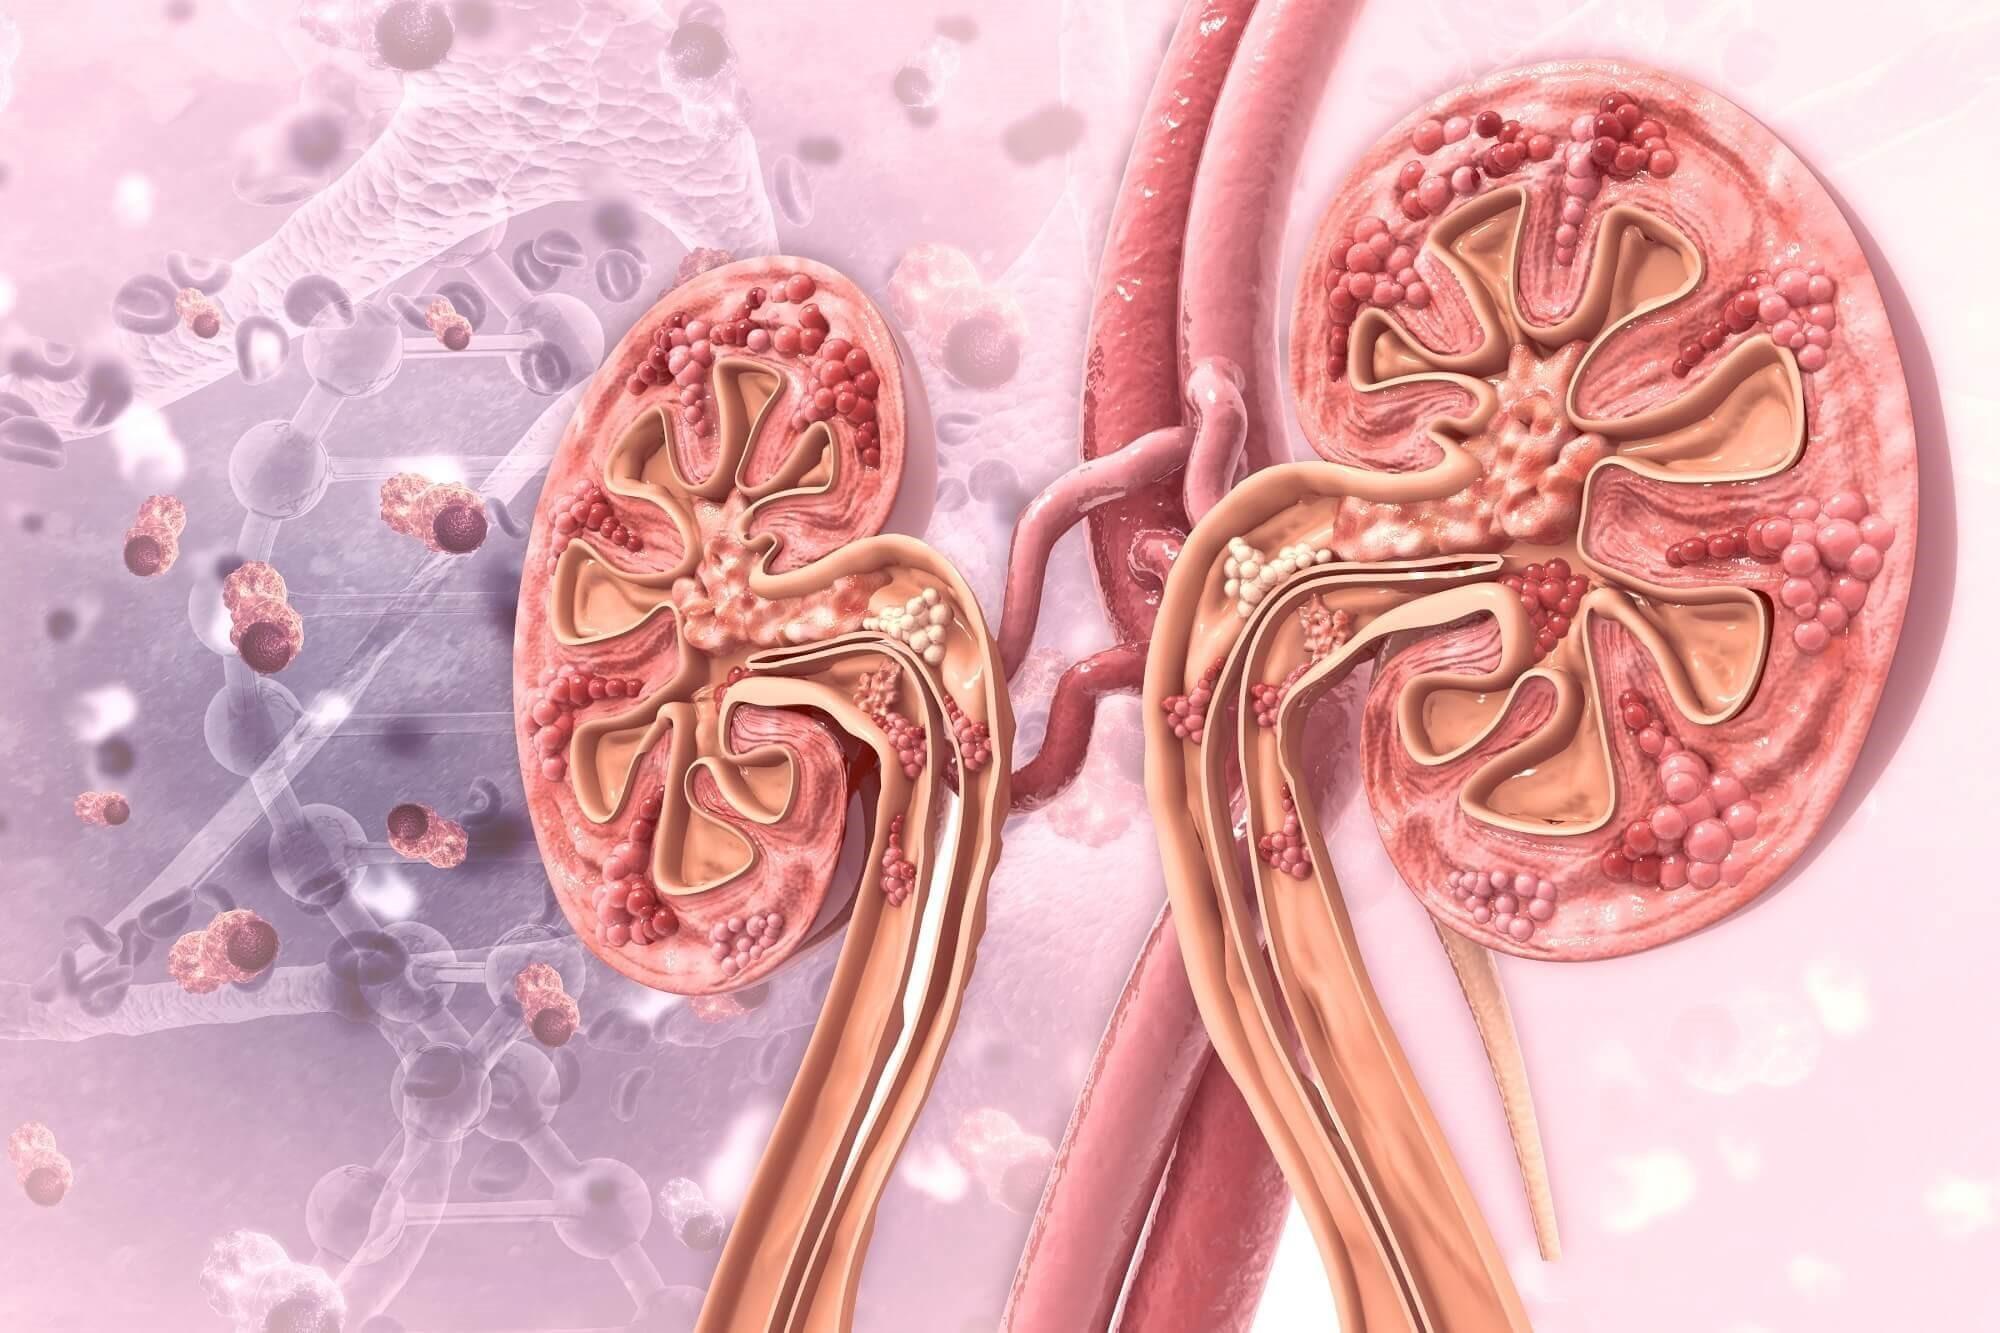 بیماری های کلیوی که منتهی به نارسایی مزمن کلیوی می شوند